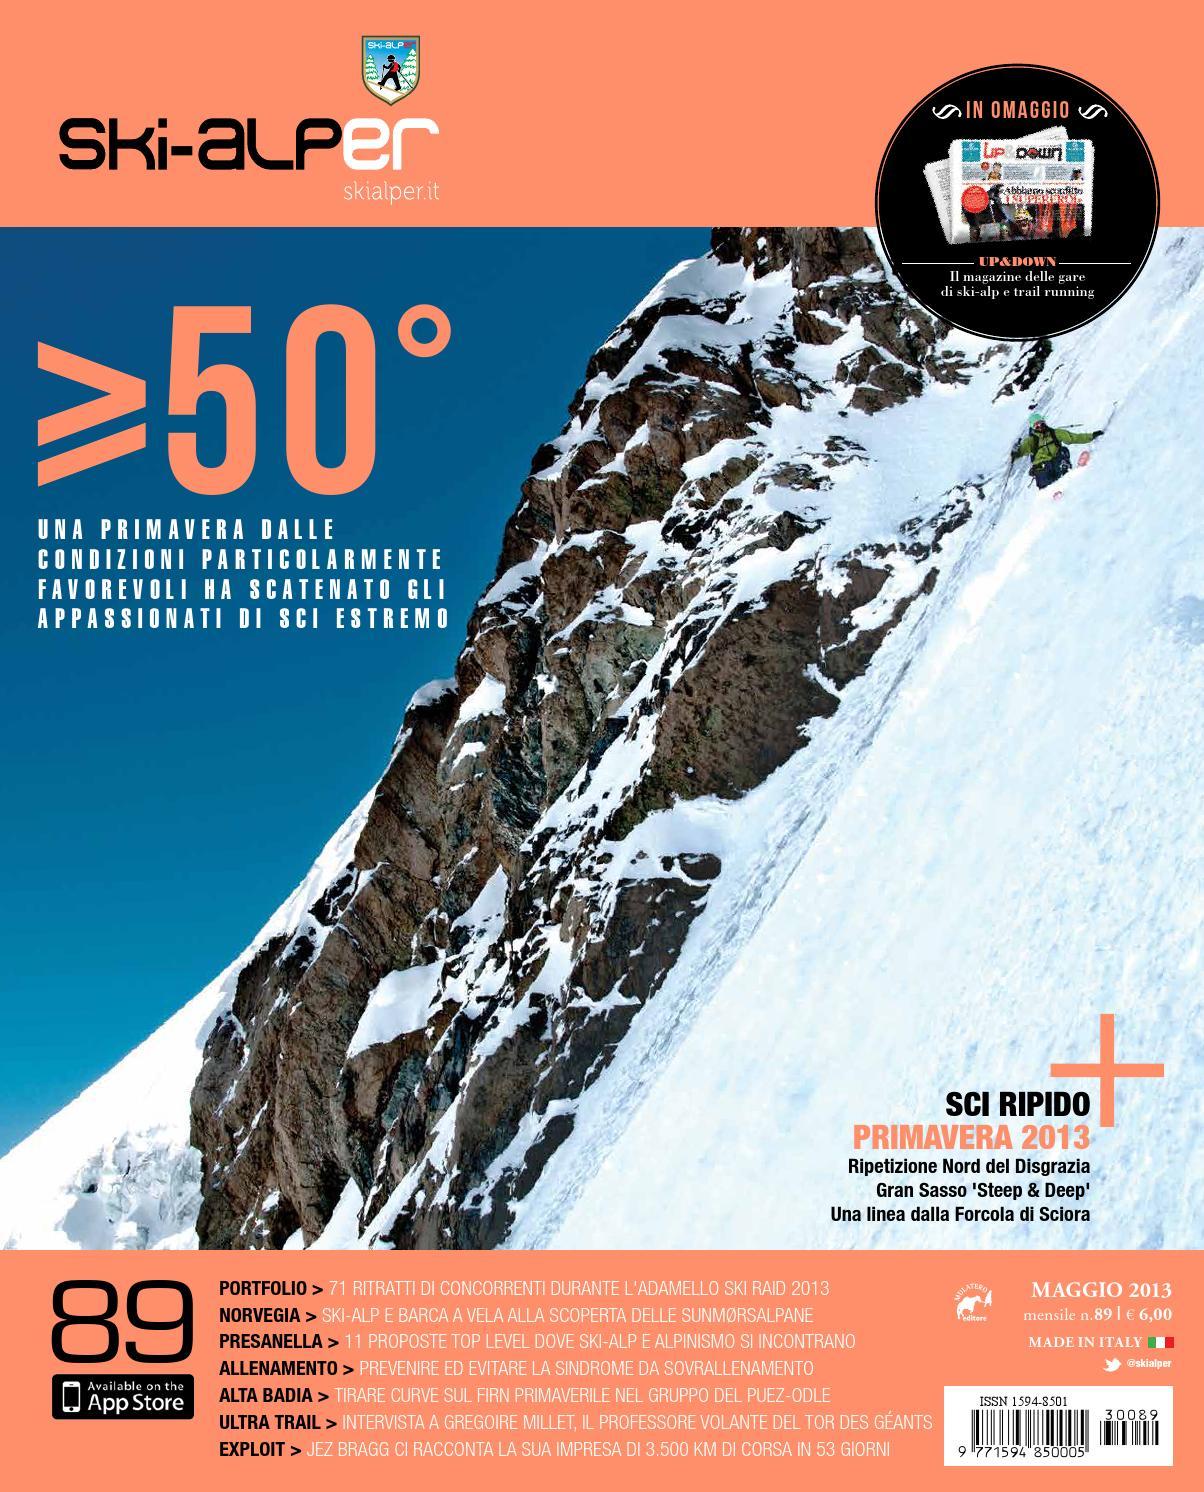 Ski-alper 89 by Mulatero Editore - issuu e958703159a5